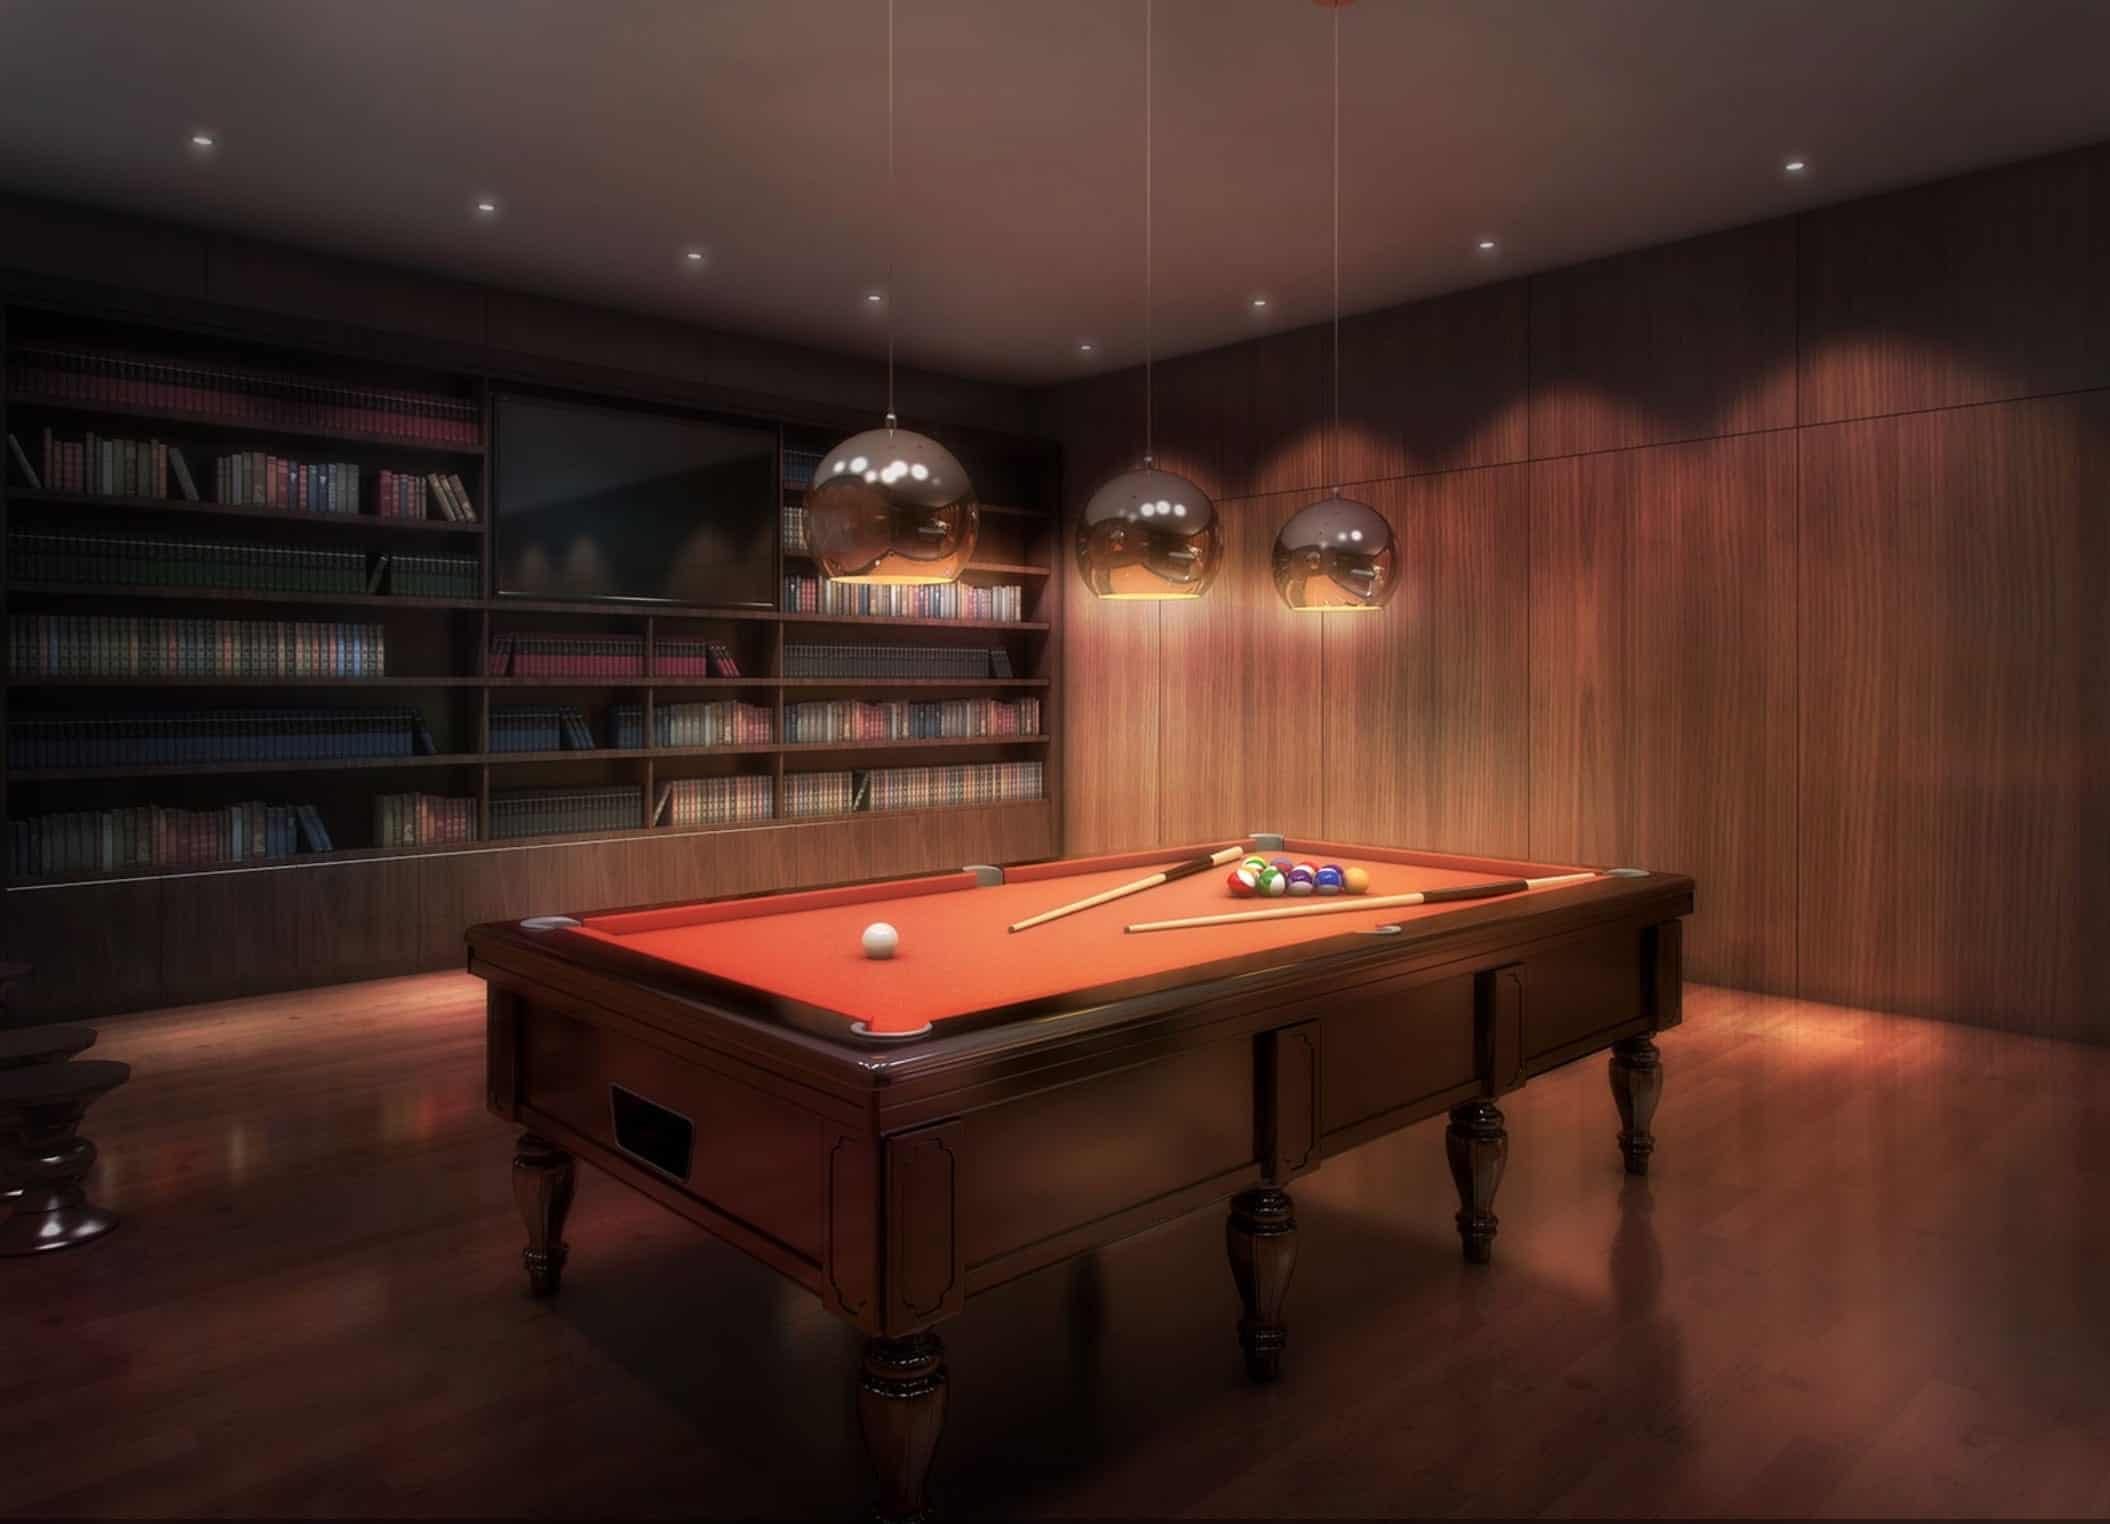 King's Landing Condos 2 Billiards Room True Condos